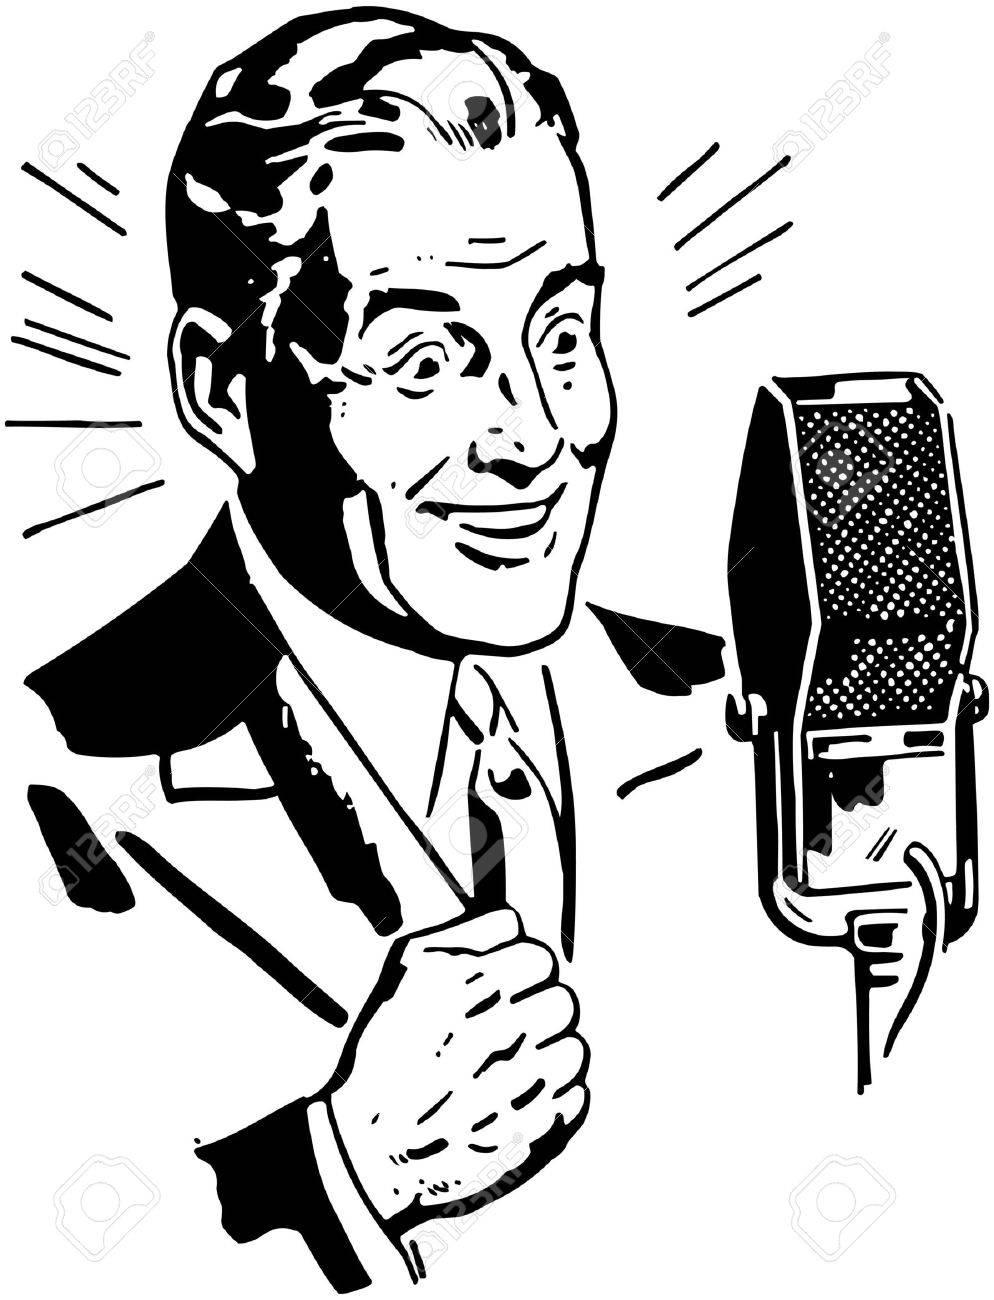 Radio Announcer 2 - 28342117